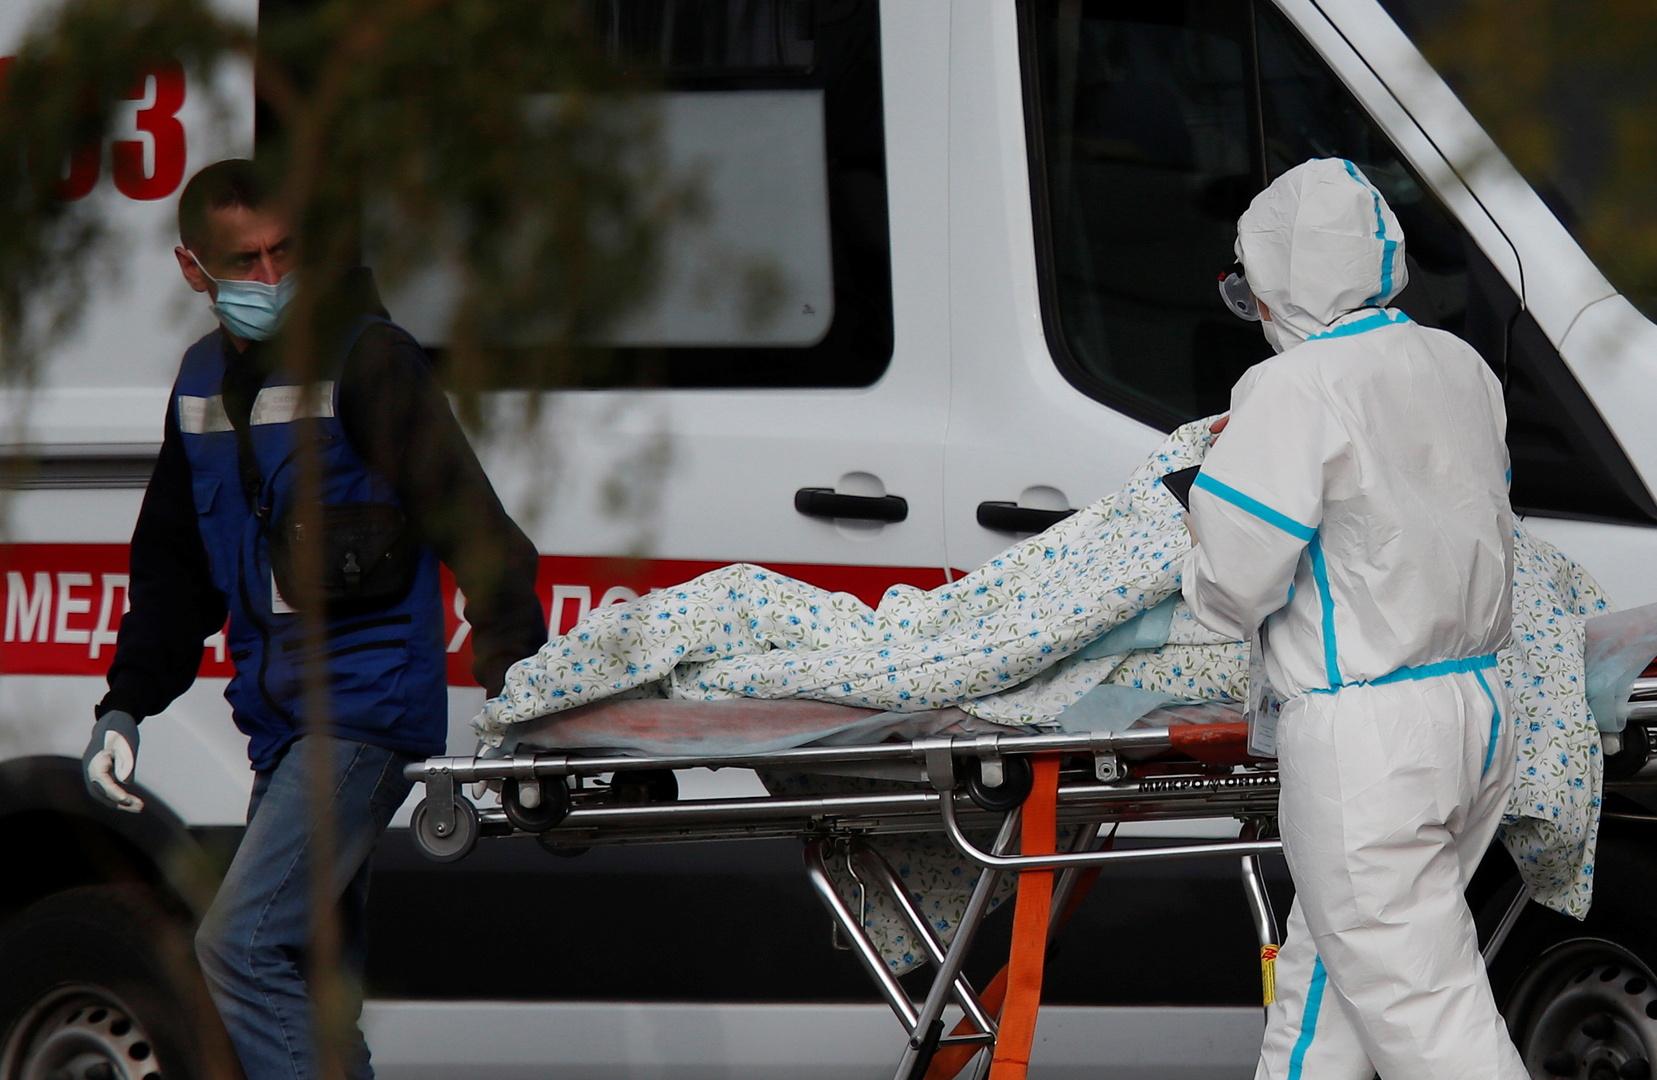 روسيا.. أكثر من 20 ألف إصابة جديدة بفيروس كورونا وزيادة قياسية في عدد الوفيات